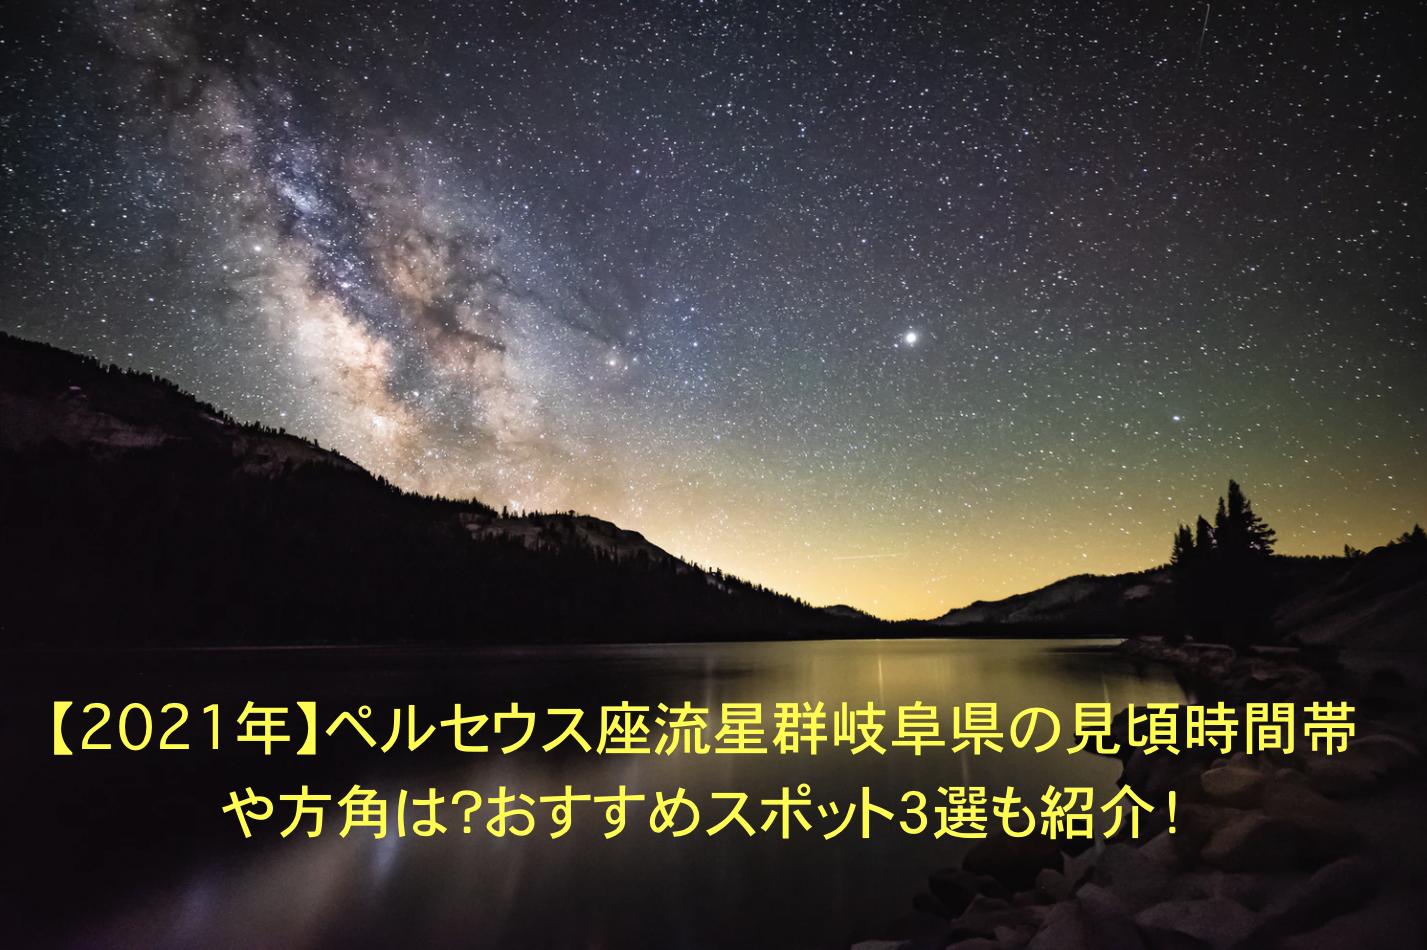 ペルセウス座流星群 岐阜県 見頃 時間帯 方角 オススメスポット